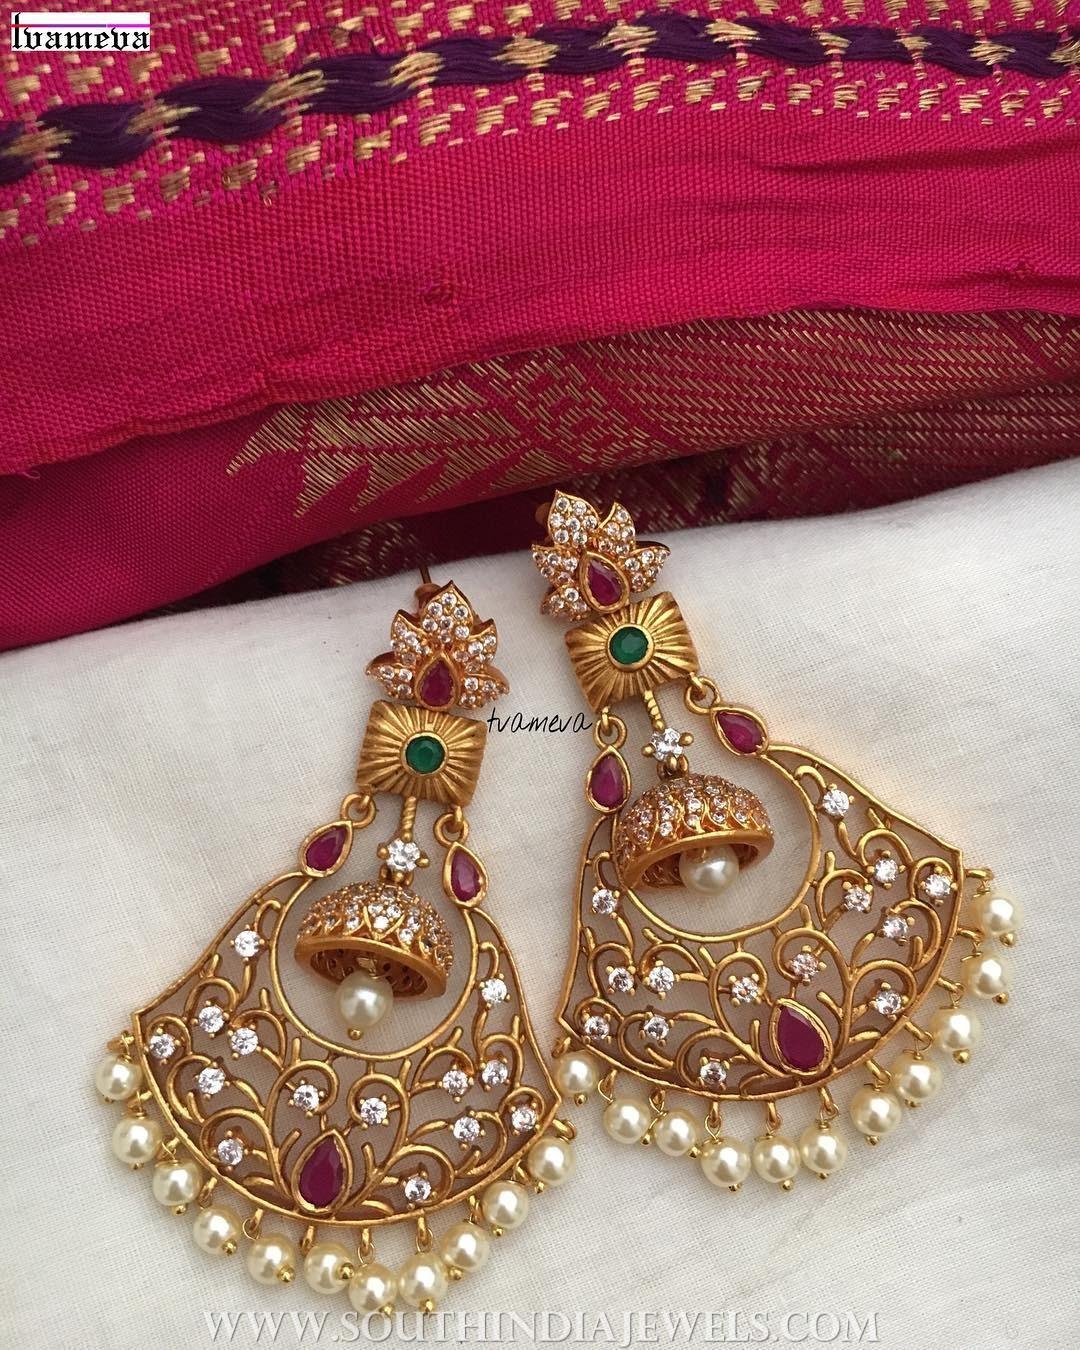 Pretty Designer Earrings From Tvameva